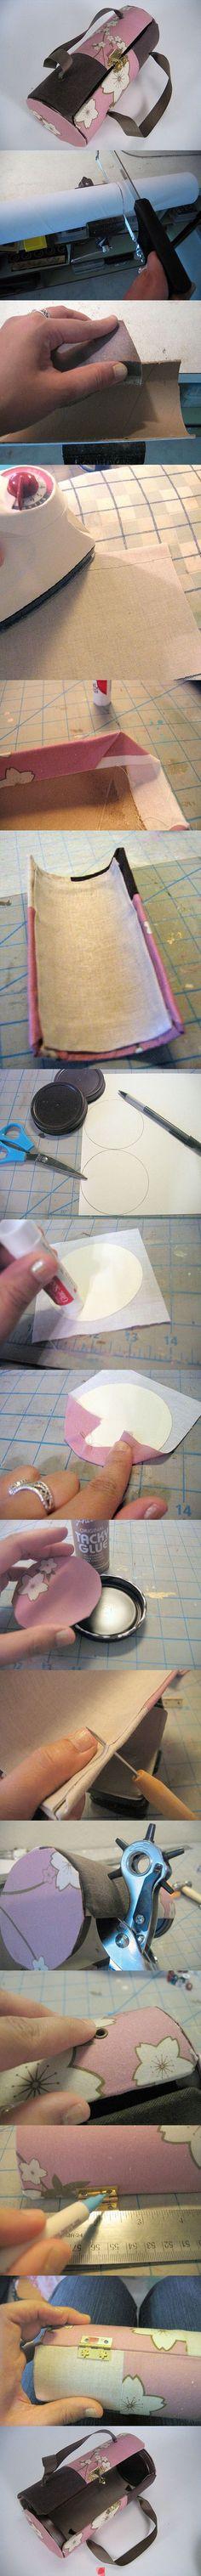 Nueva vida a los tubos de papel. Minibolso precioso. Utilízalo para lo que desees